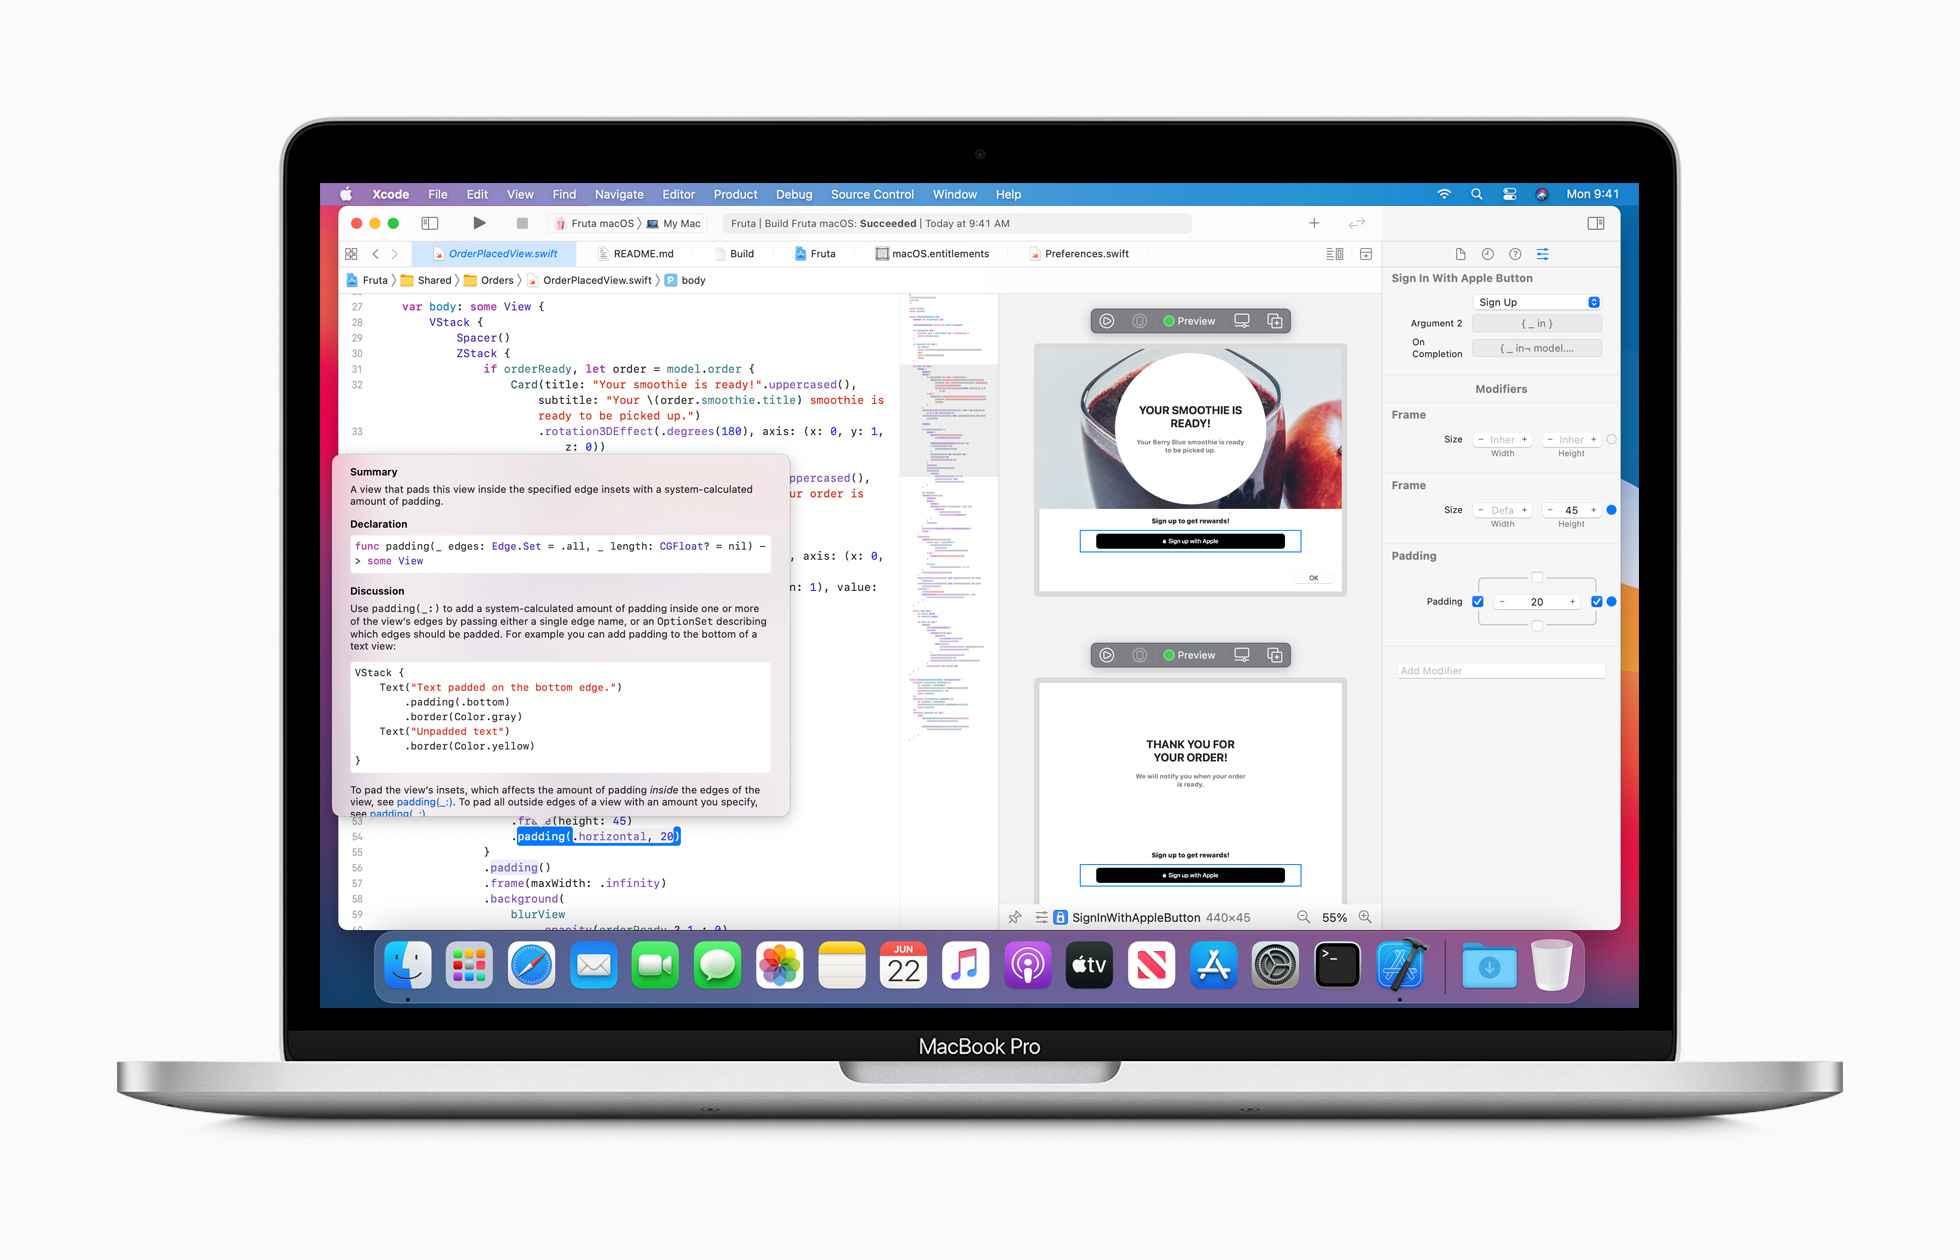 Apple ha predisposto migliorie nella sandbox di testing per gli sviluppatori